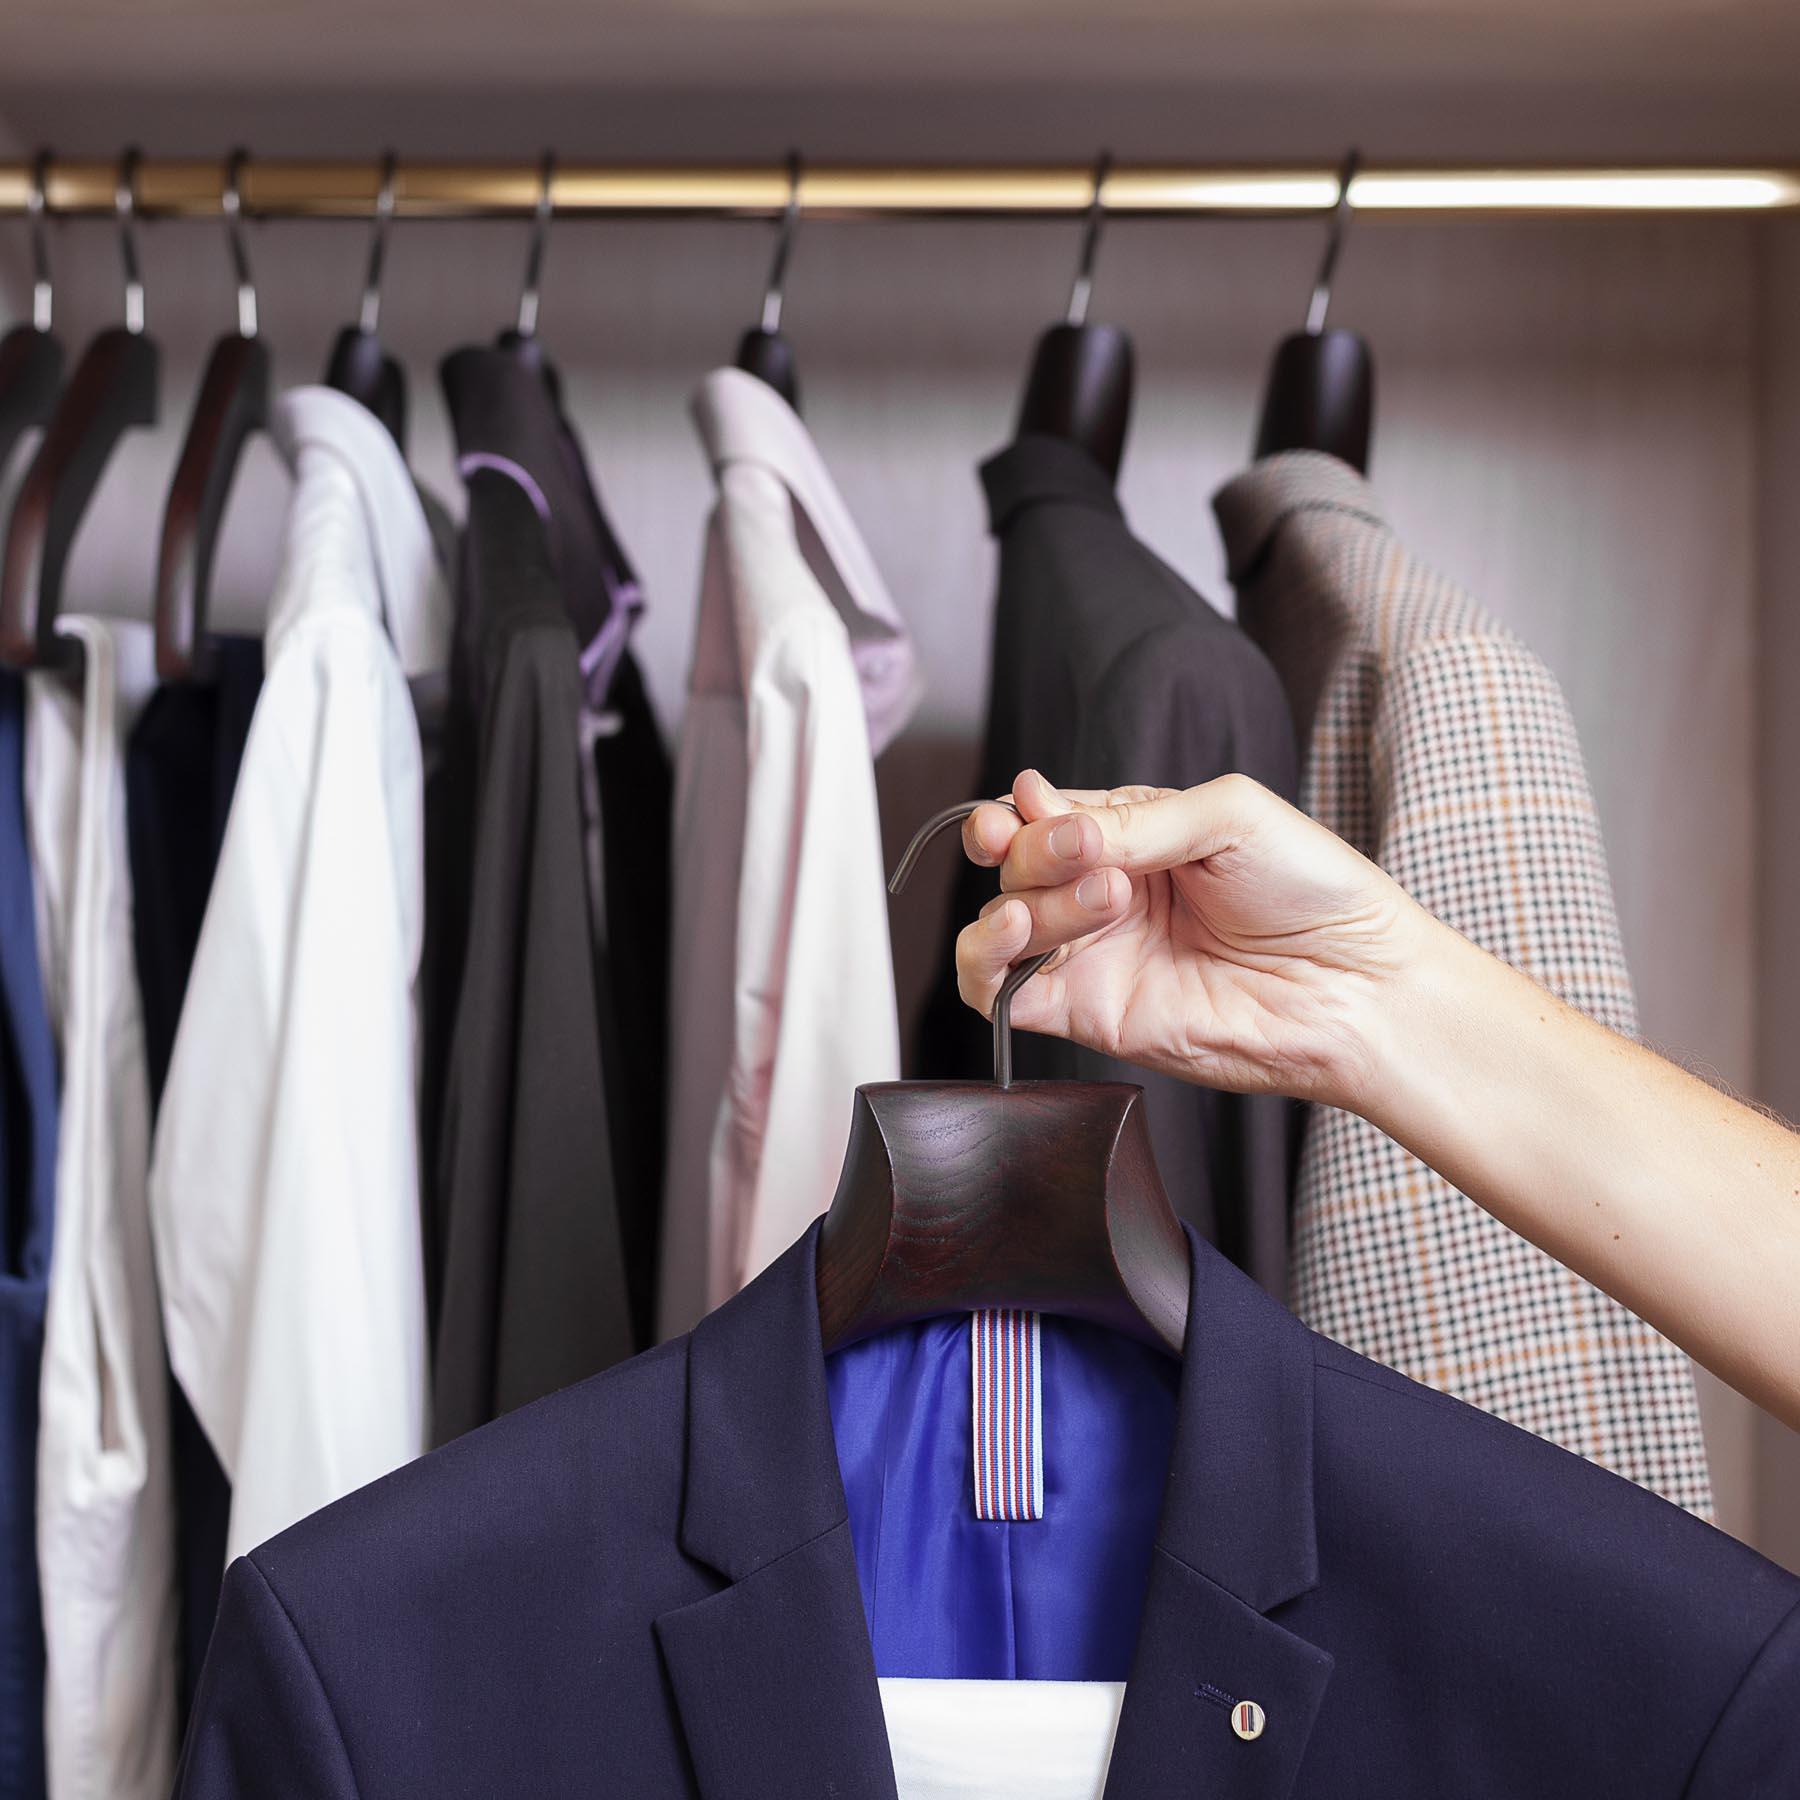 6 luxuriöse Holzbügel mit Hohlhals für Jacke und Anzug - Farbe Nussbaum matt